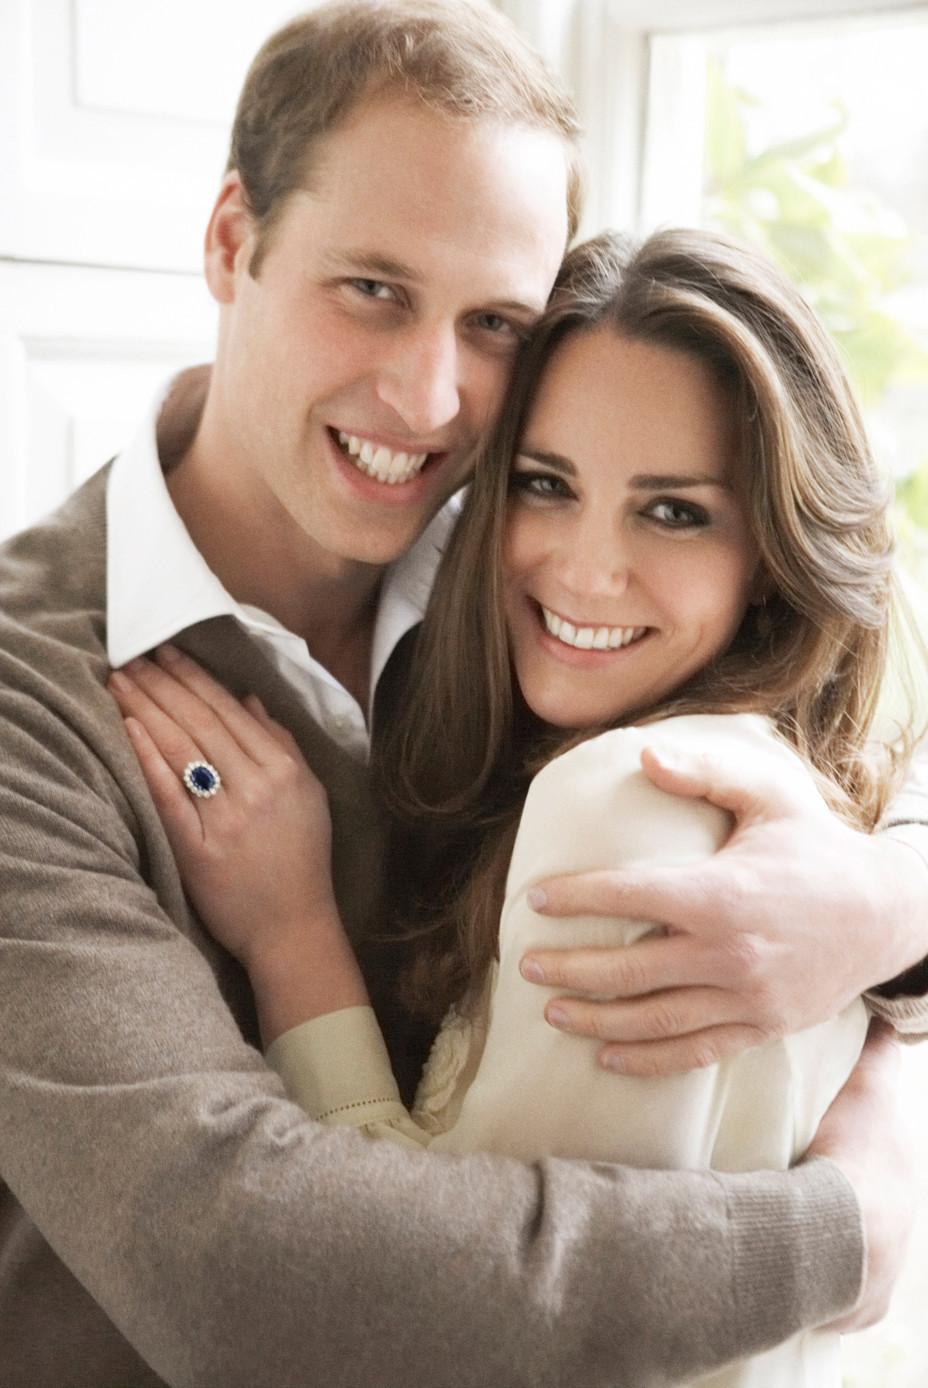 Kate Middleton & Prince William Photo